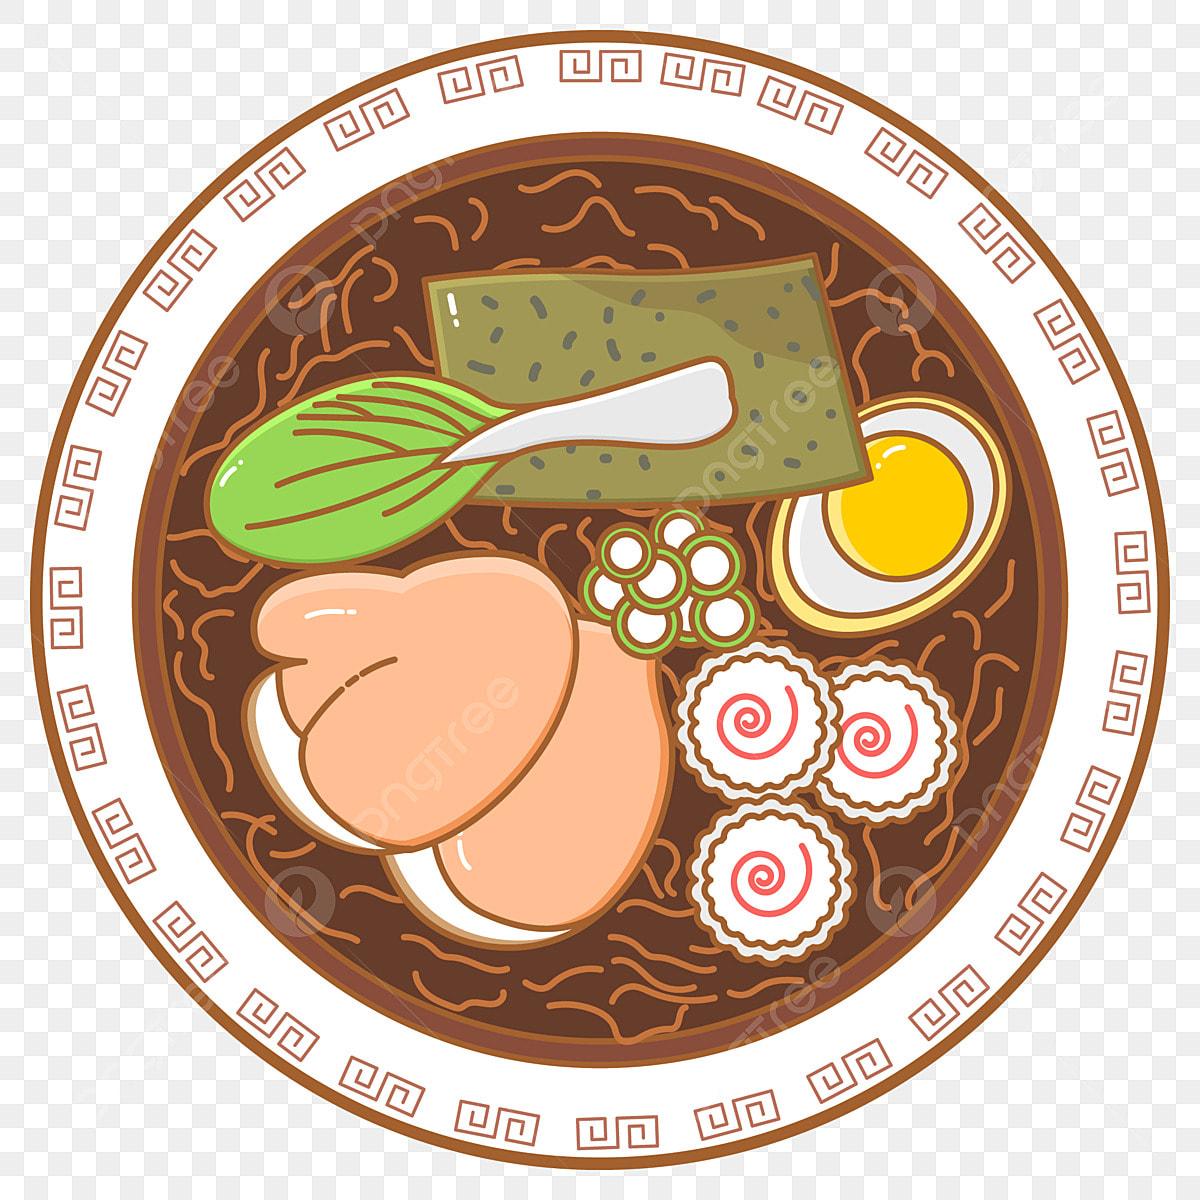 Jedzenie Dłoń Wyciągnął Zwiędłe Warzywa Jajko Apetyczne